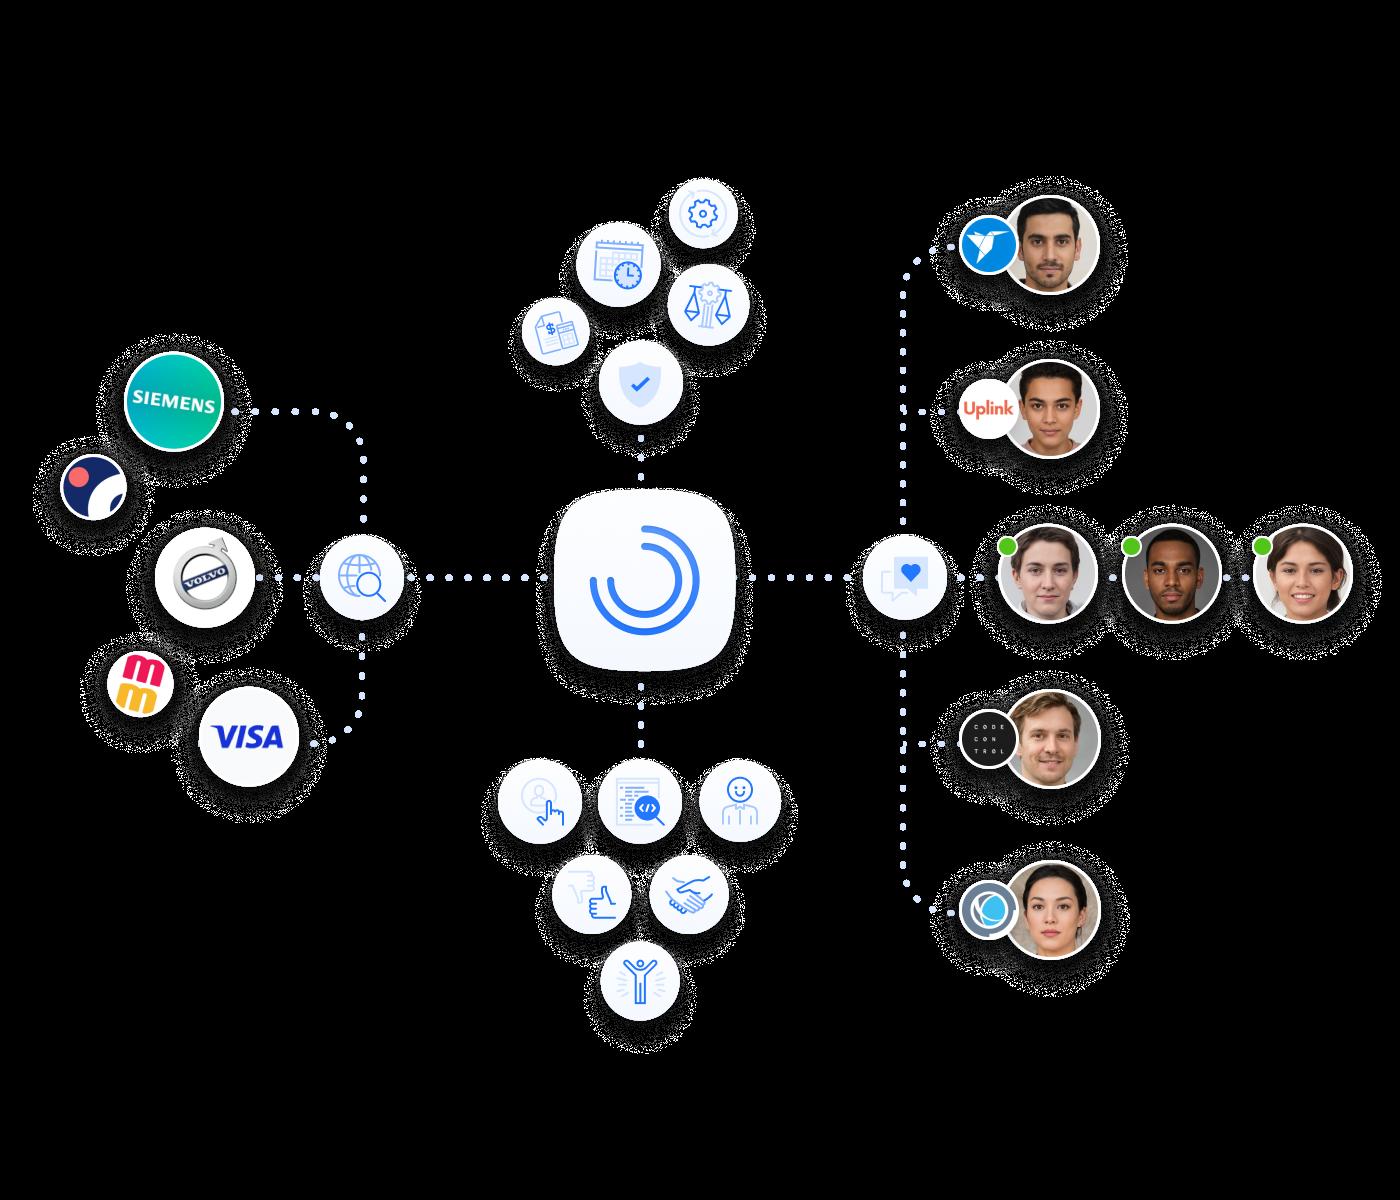 image-9am-diagram